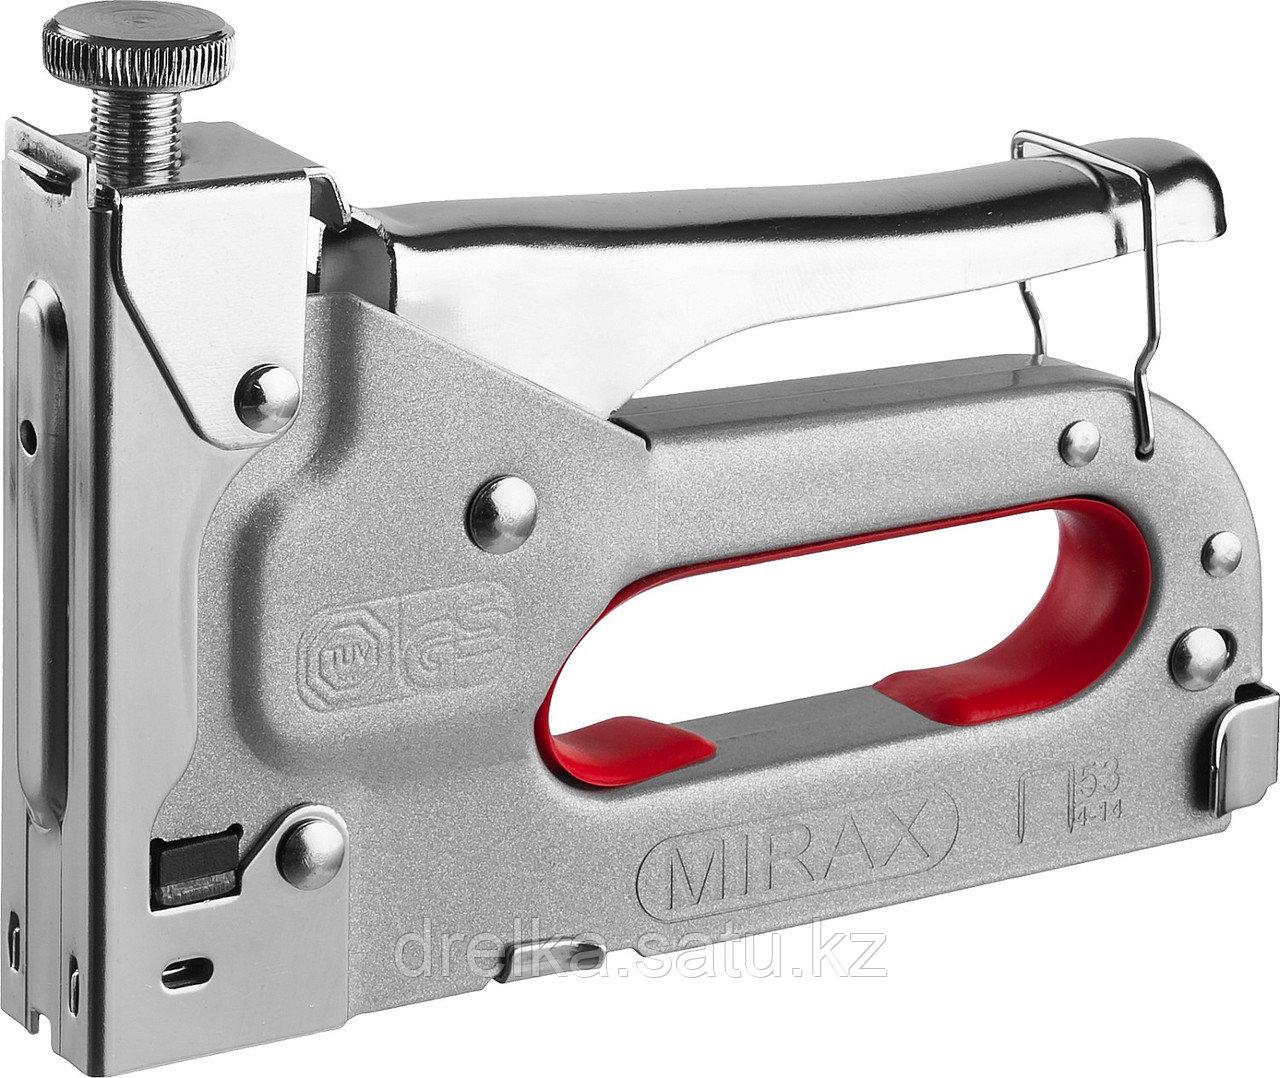 Степлер с регулировкой силы удара, металлический корпус, для тонкой скобы тип 53 (4-14 мм), MIRAX